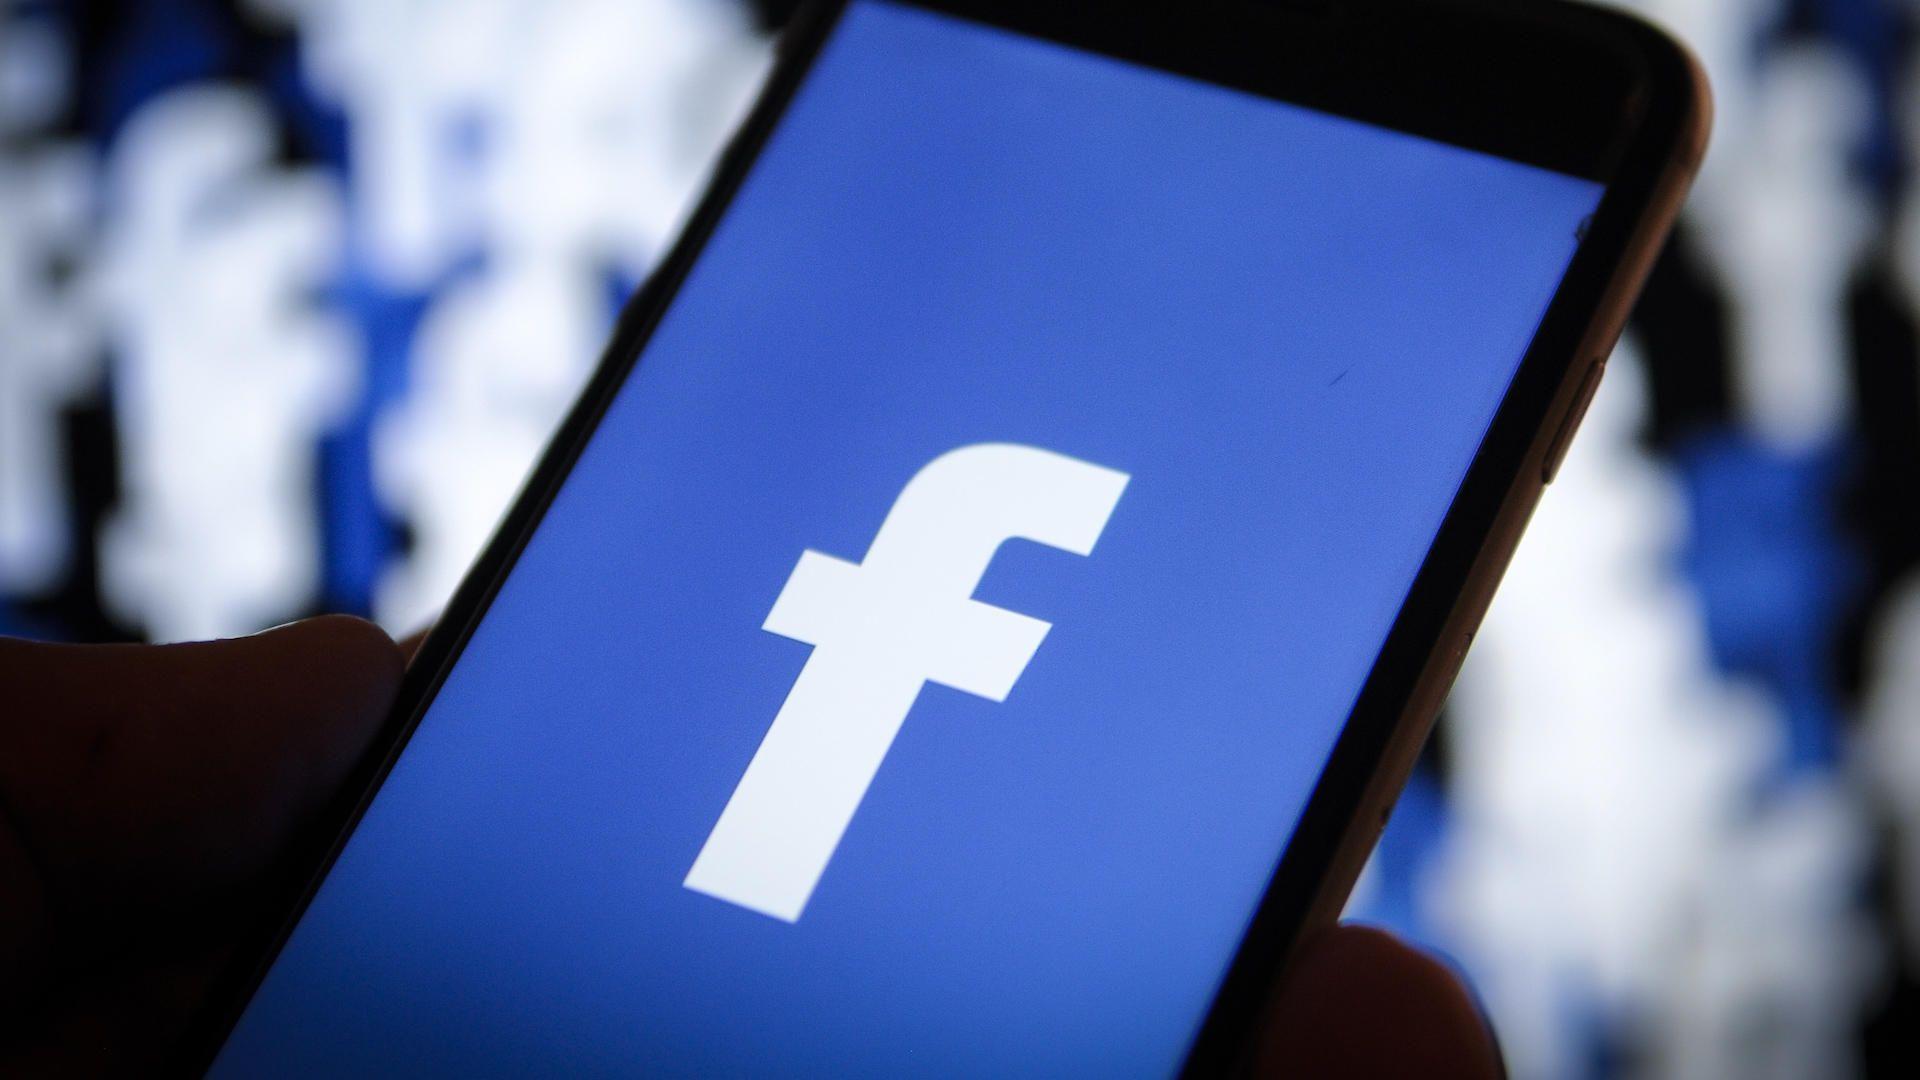 Nghị sỹ Mỹ đòi Facebook giải trình vụ chia sẻ dữ liệu khách hàng | Công  nghệ | Vietnam+ (VietnamPlus)